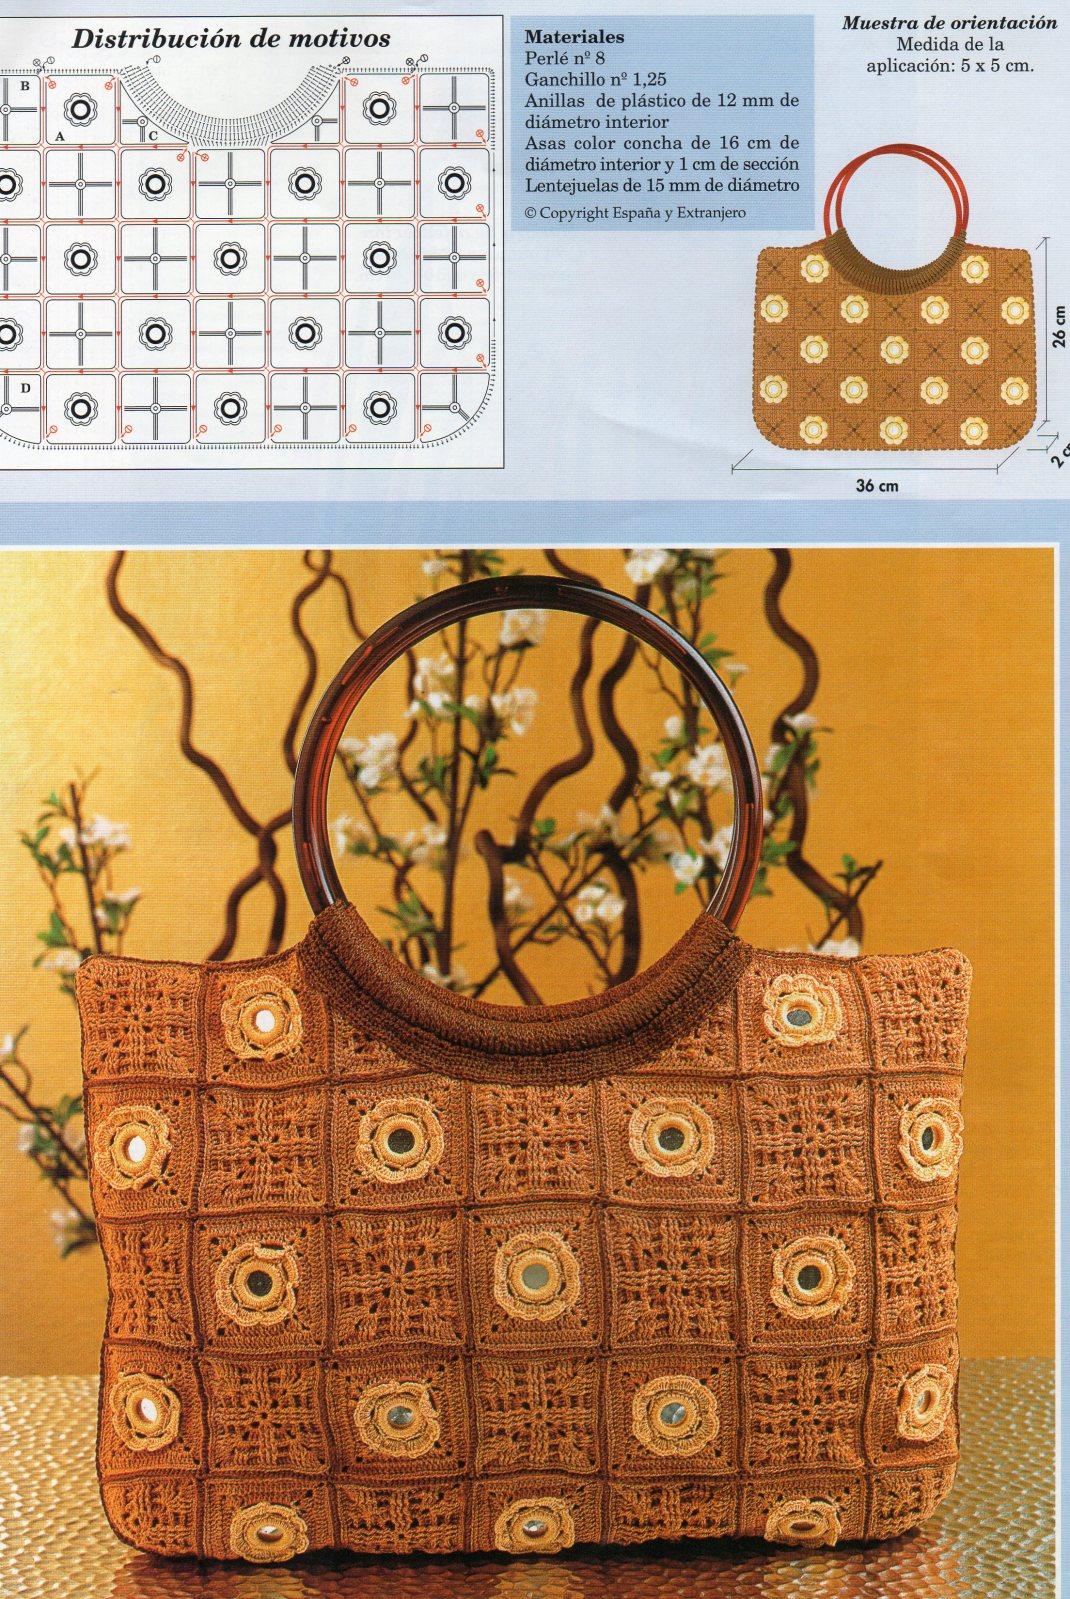 patrones - patrones de bolsos 21cv7lc